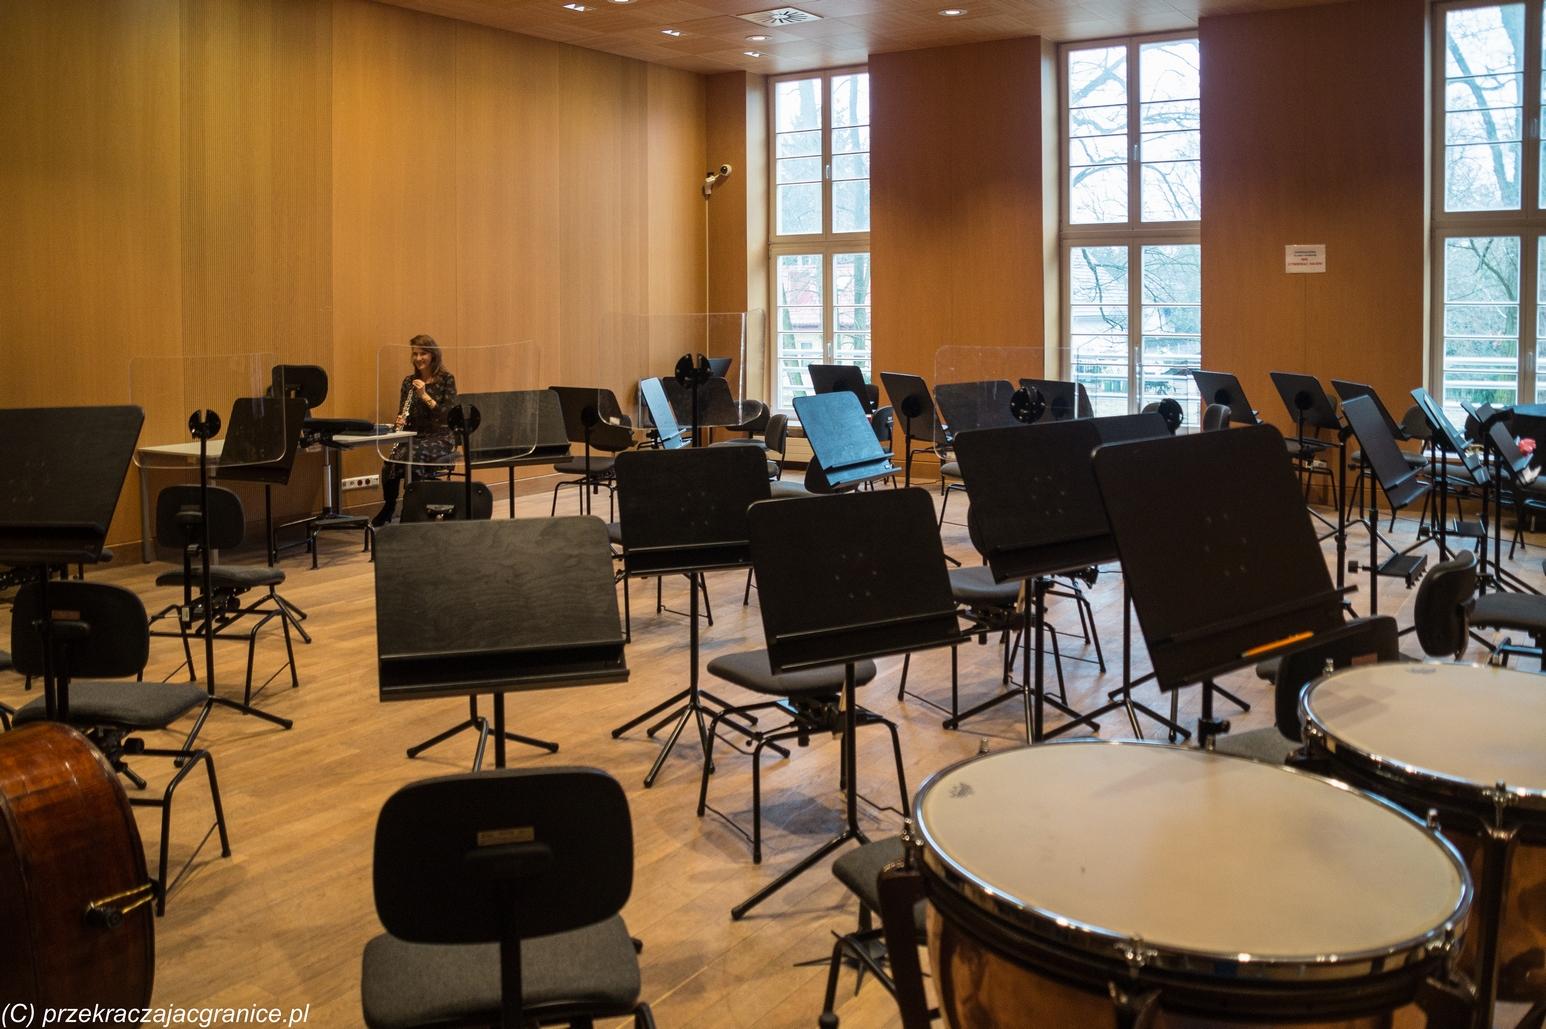 Sala prób orkiestry - mazowsze